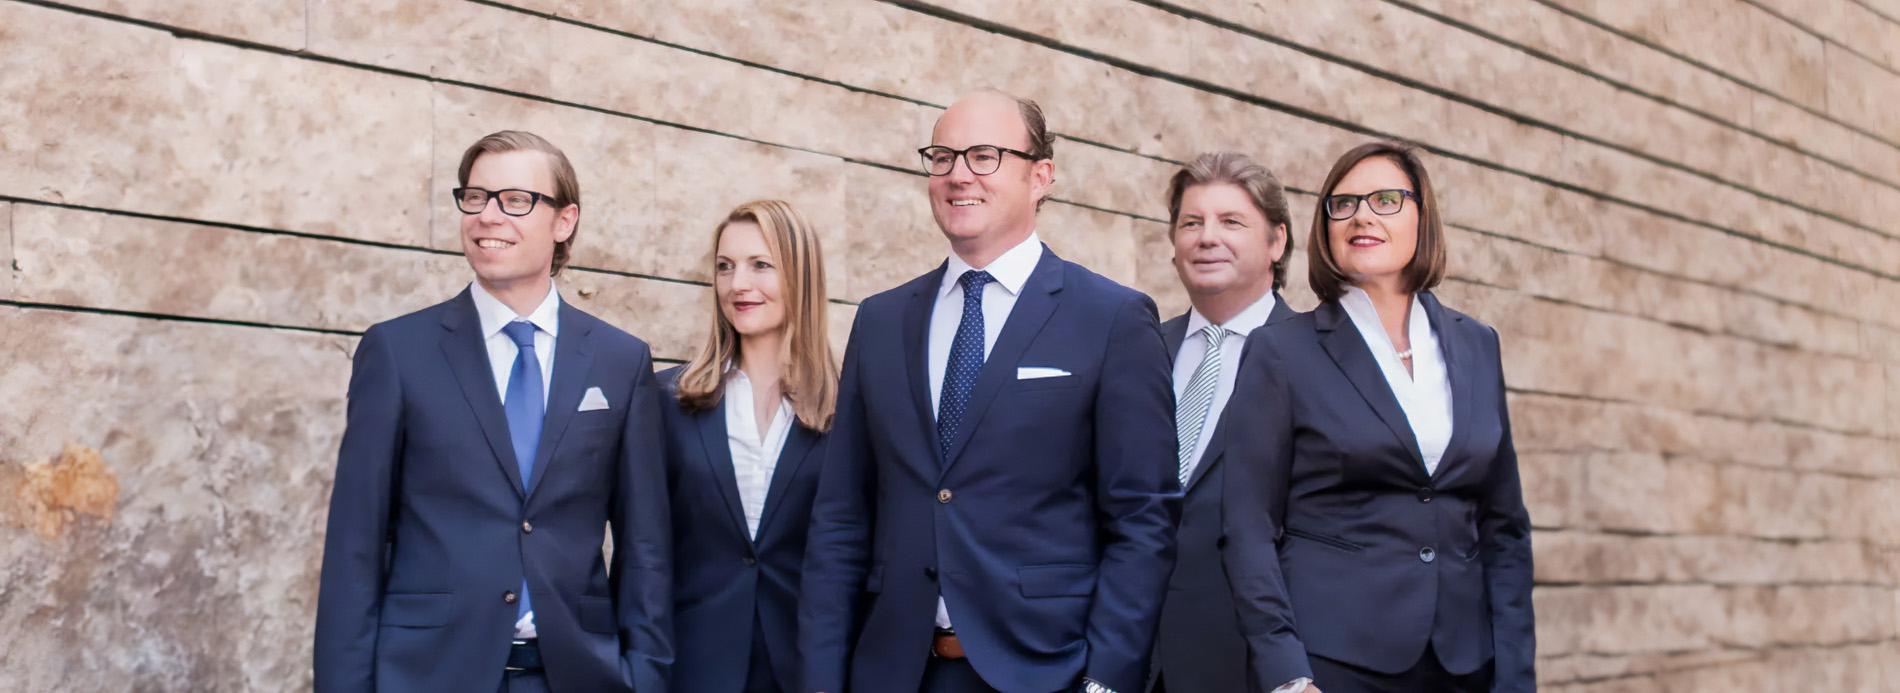 Rechtsanwälte Regensburg - Rechtsanwaltskanzlei Weinelt & Collegen